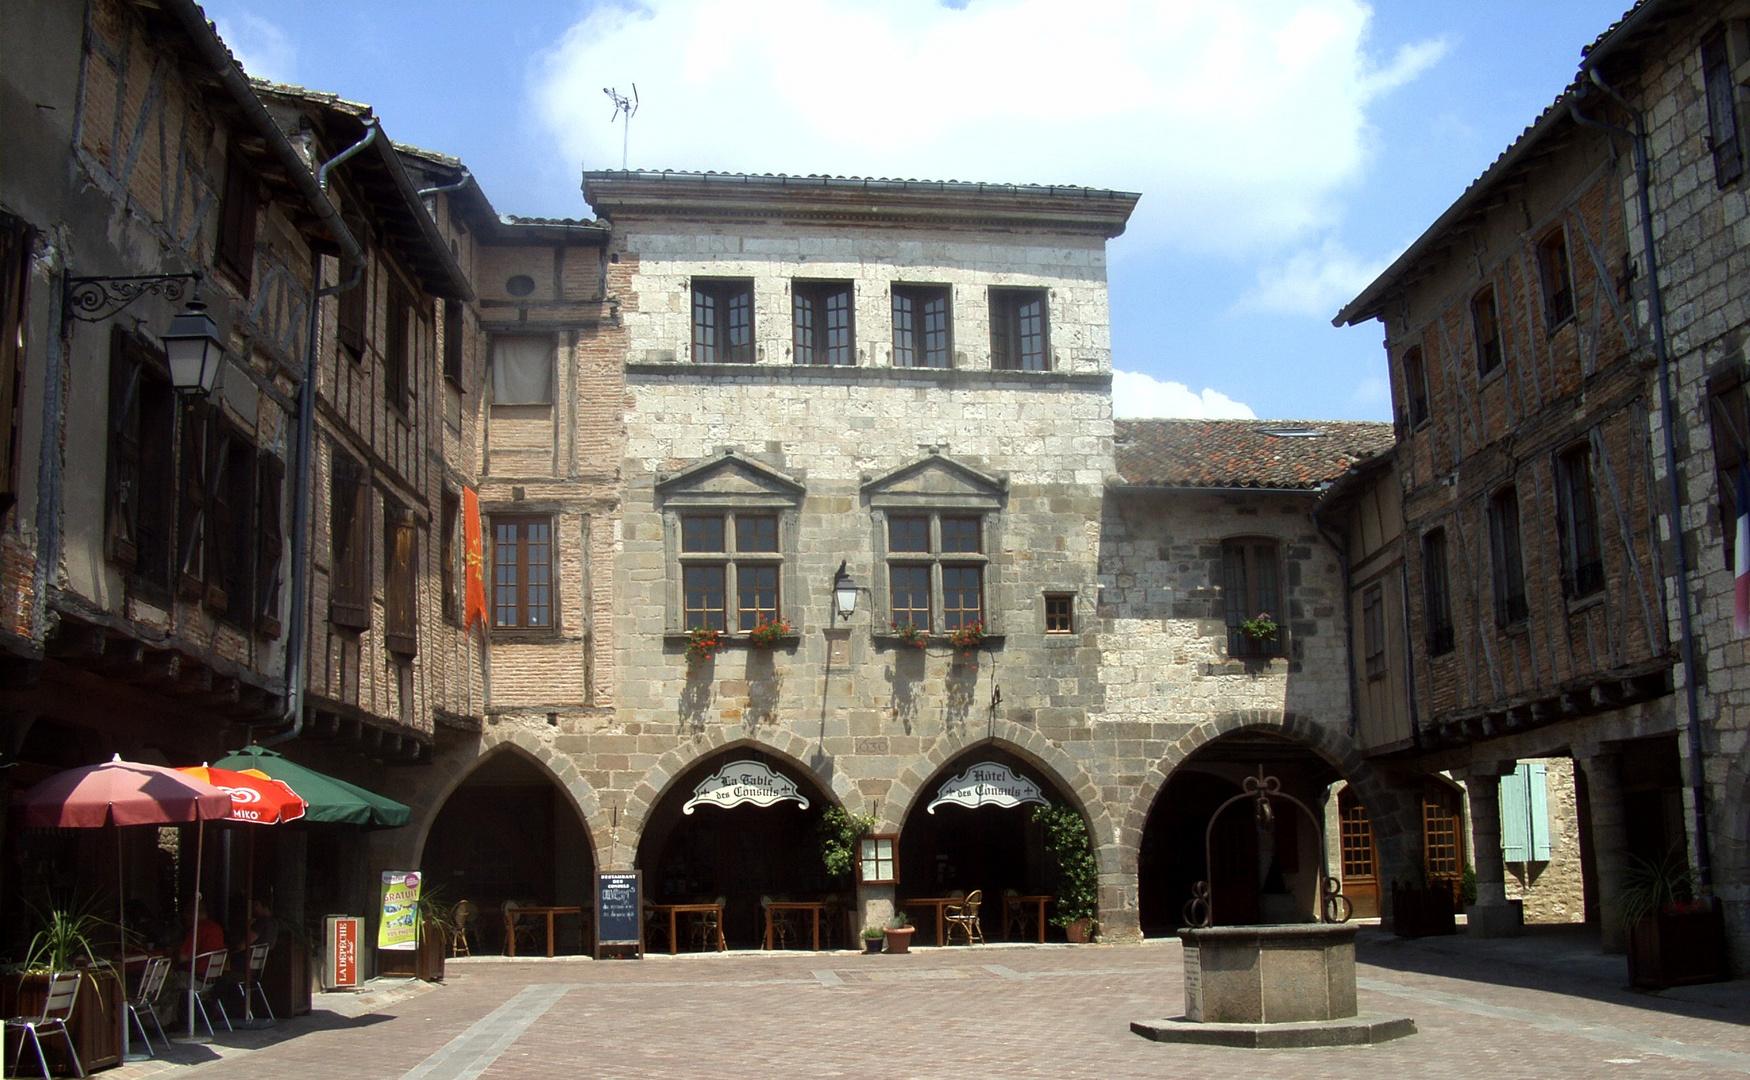 Castelnau-de-Montmirail (2)